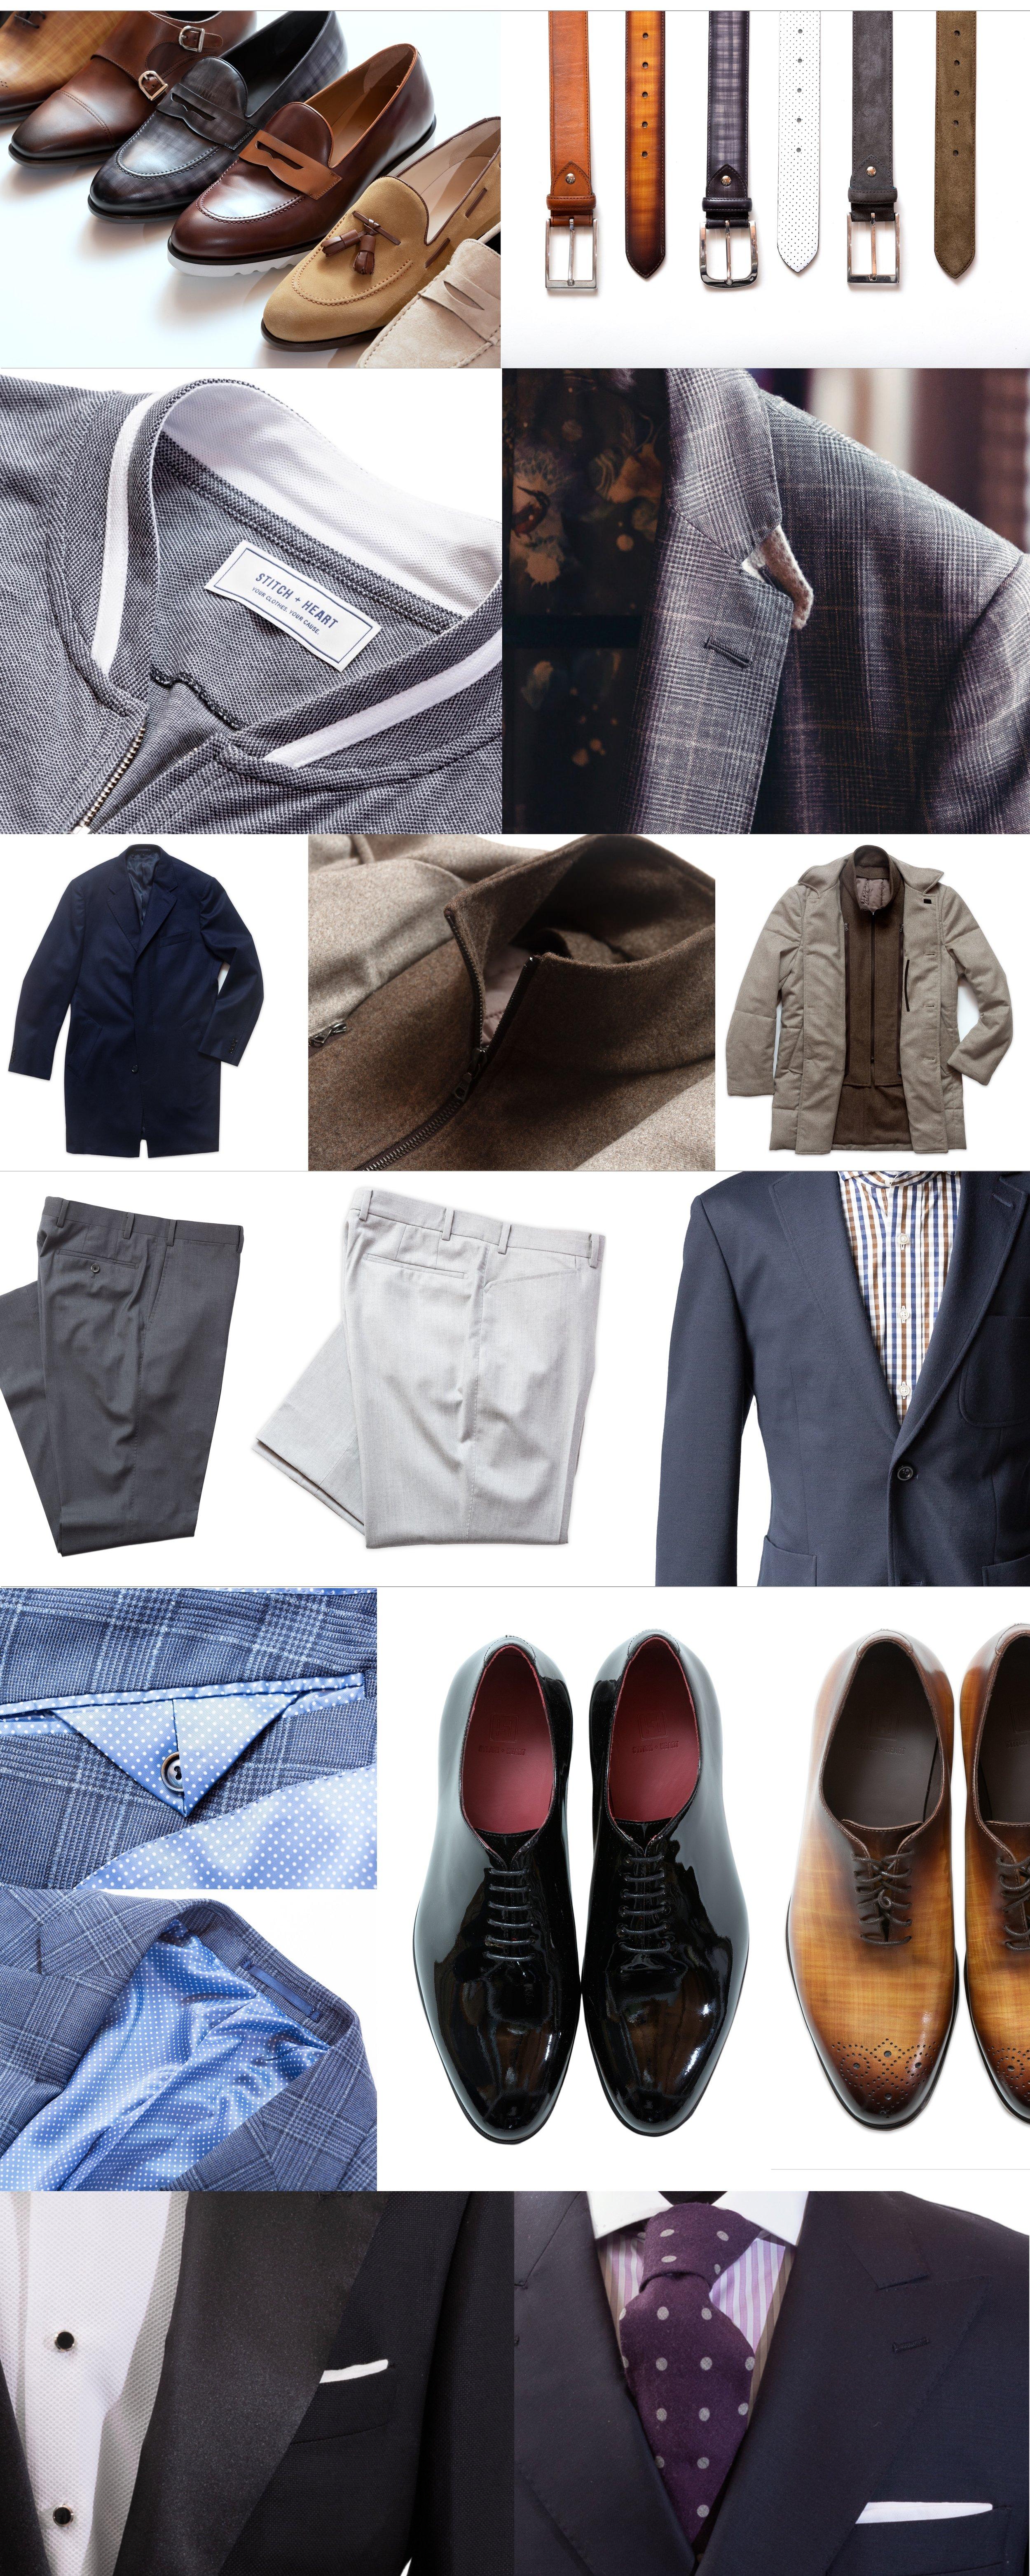 wardrobe@2x.jpg